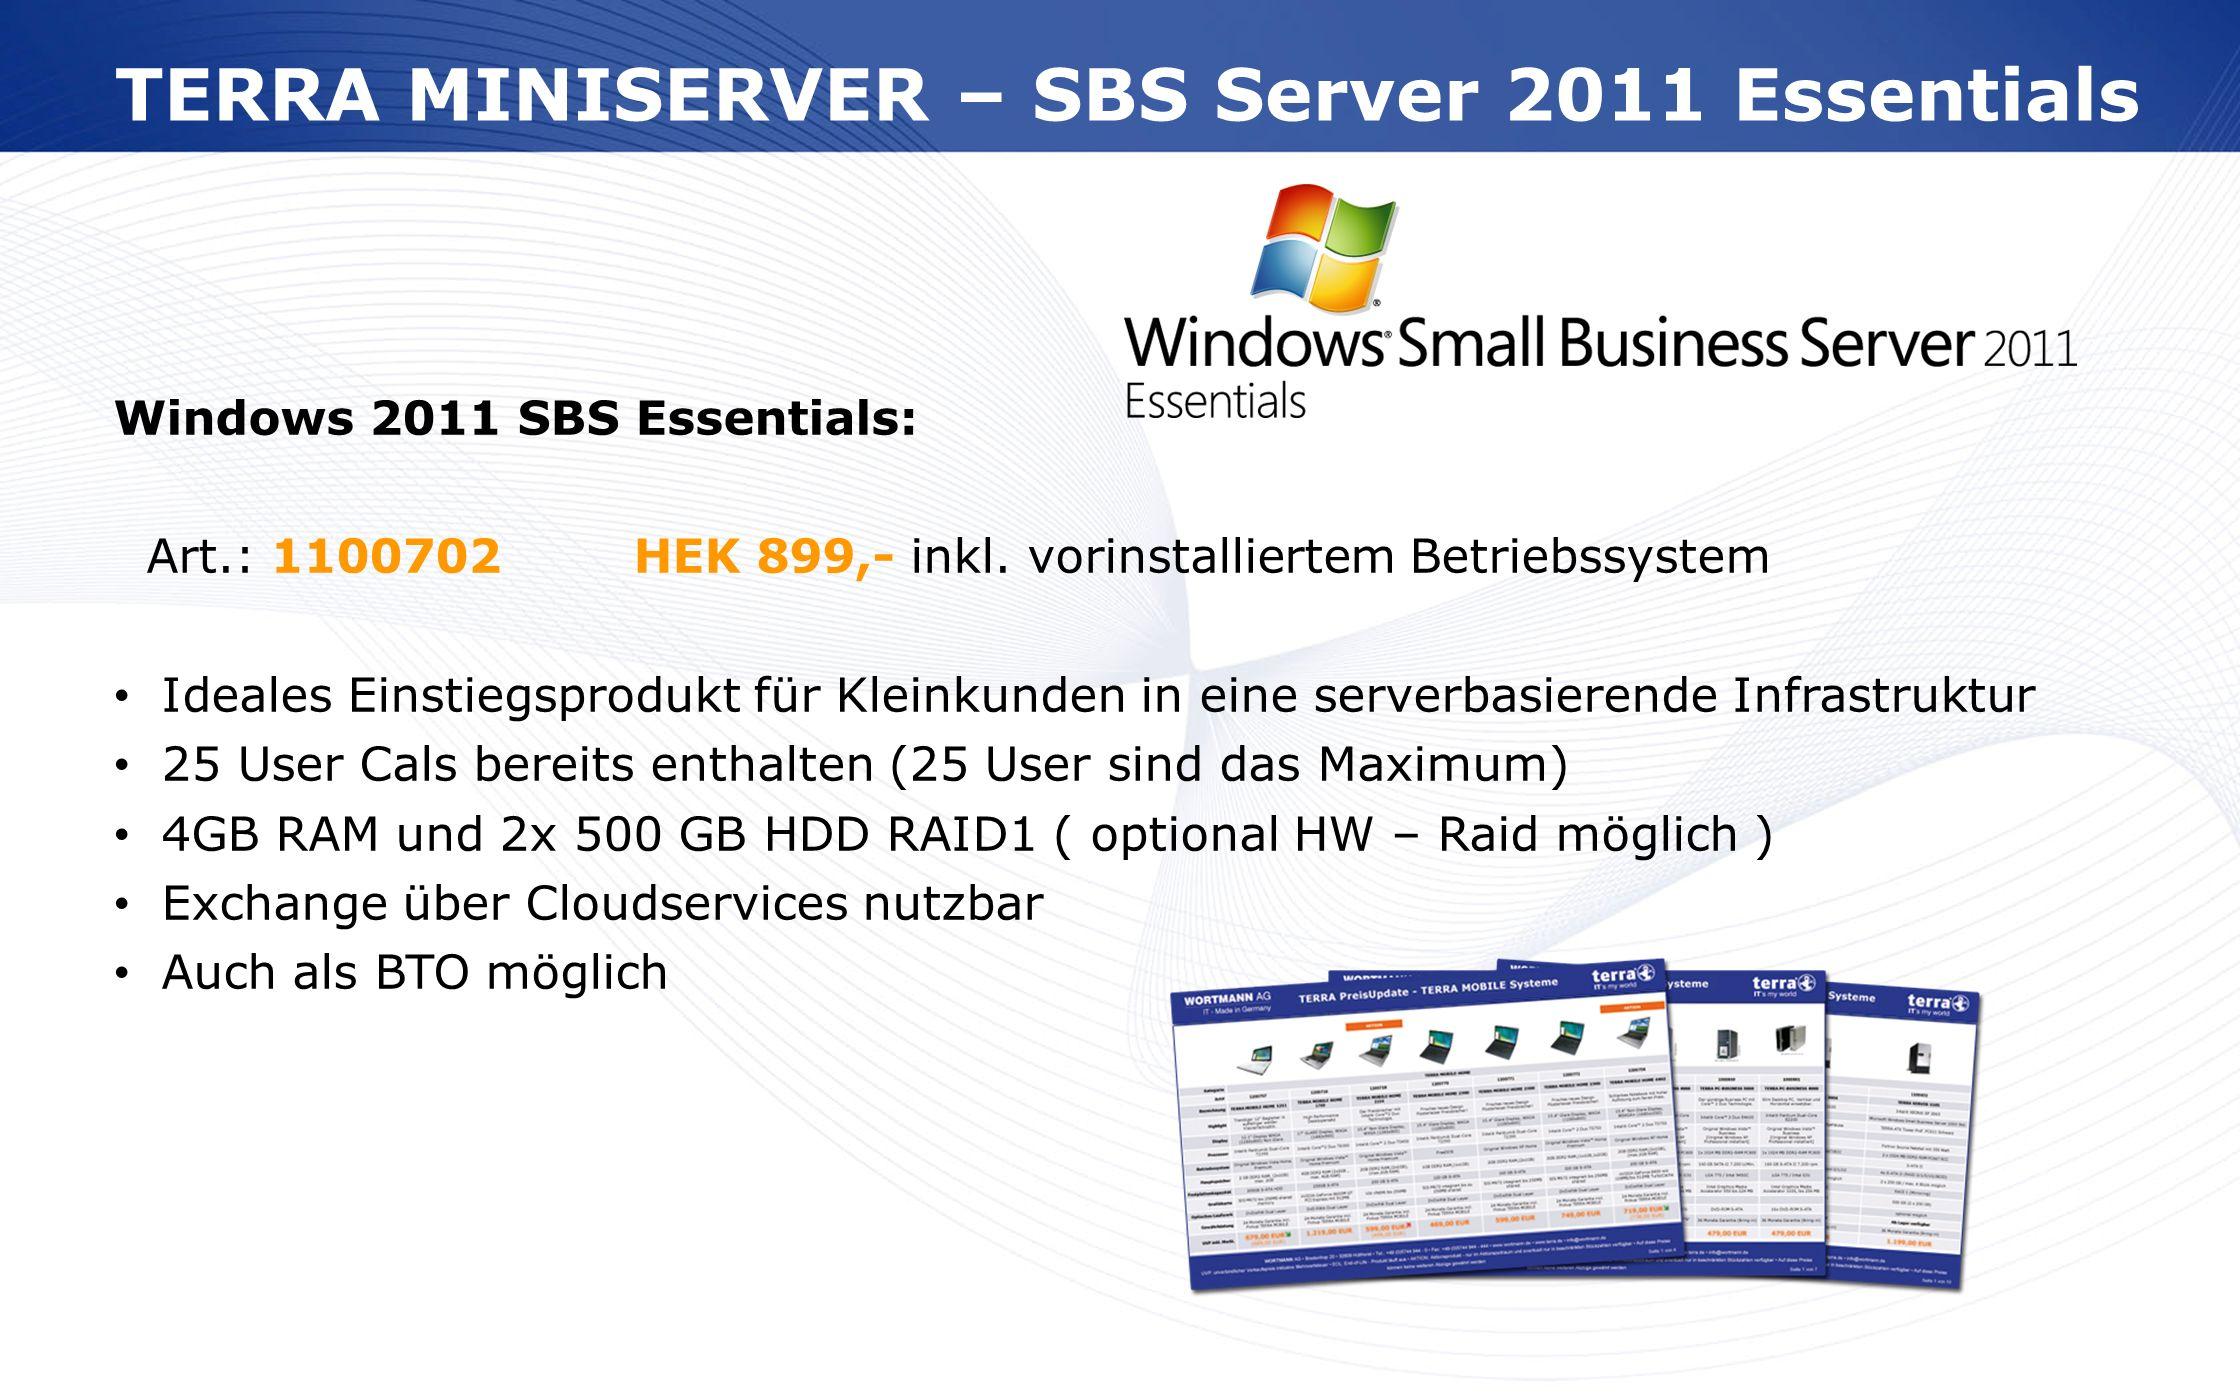 www.wortmann.de Windows 2011 SBS Essentials: Art.: 1100702HEK 899,- inkl. vorinstalliertem Betriebssystem Ideales Einstiegsprodukt für Kleinkunden in